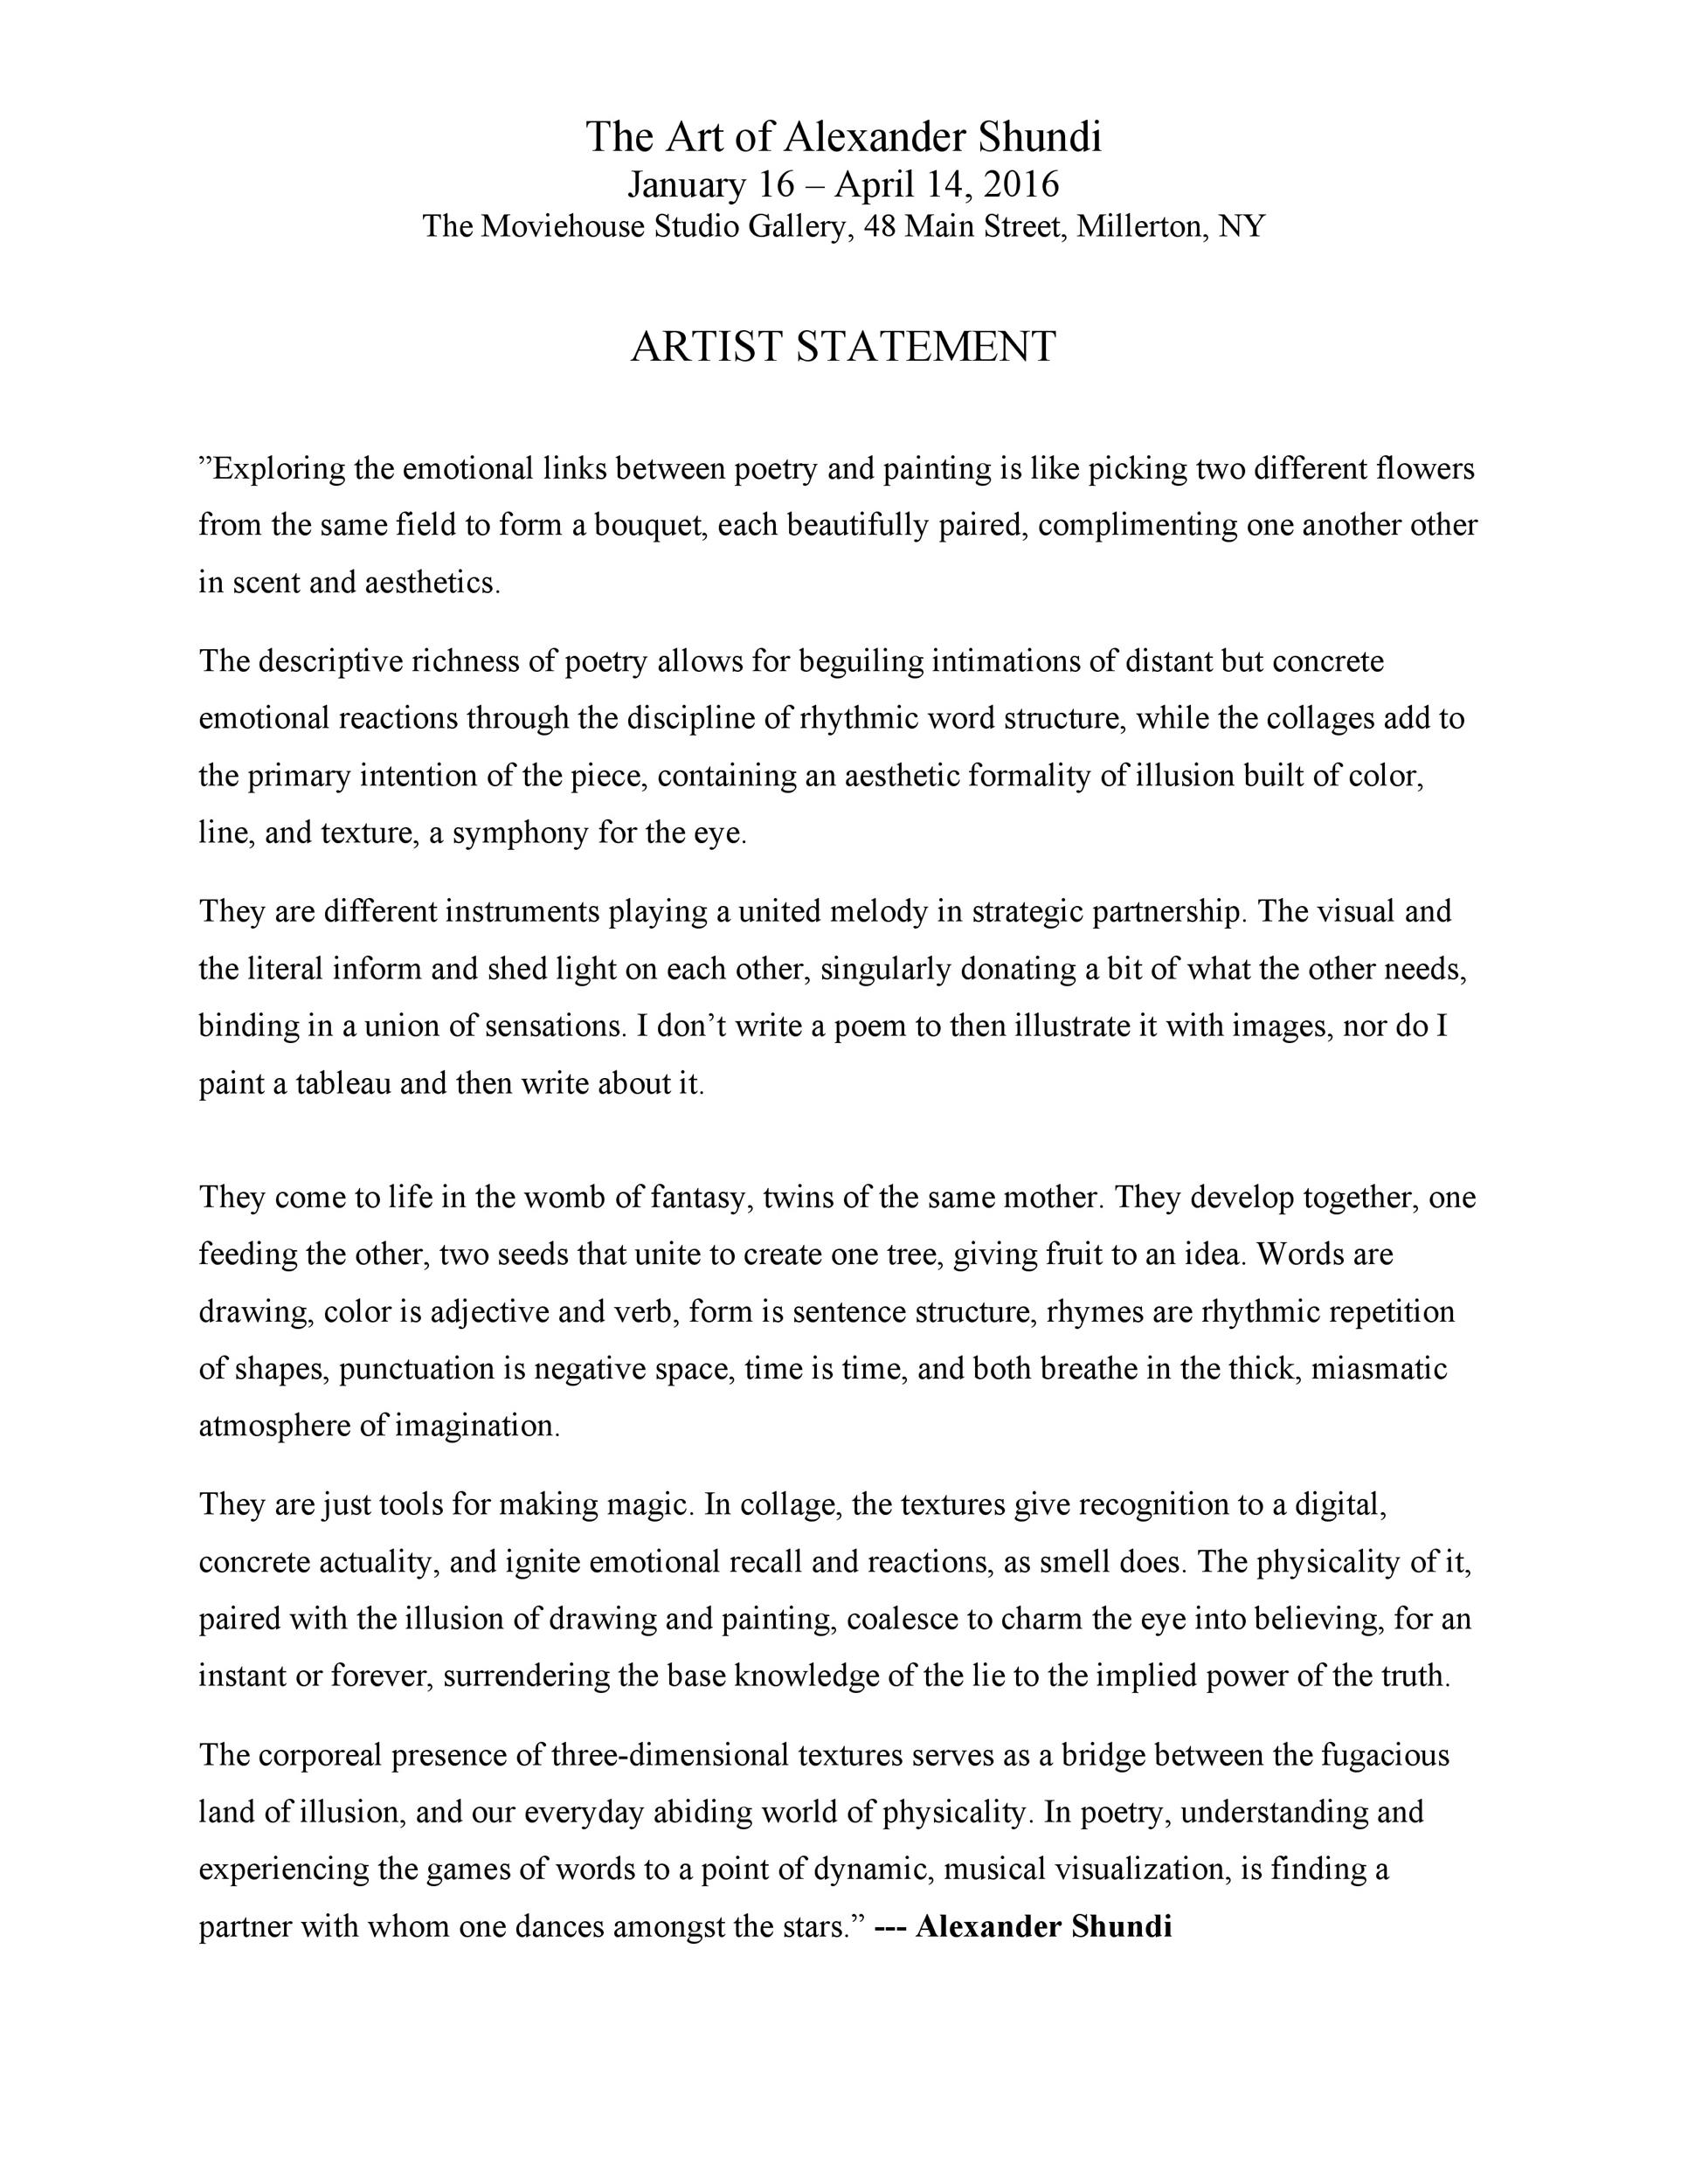 Free artist statement 14